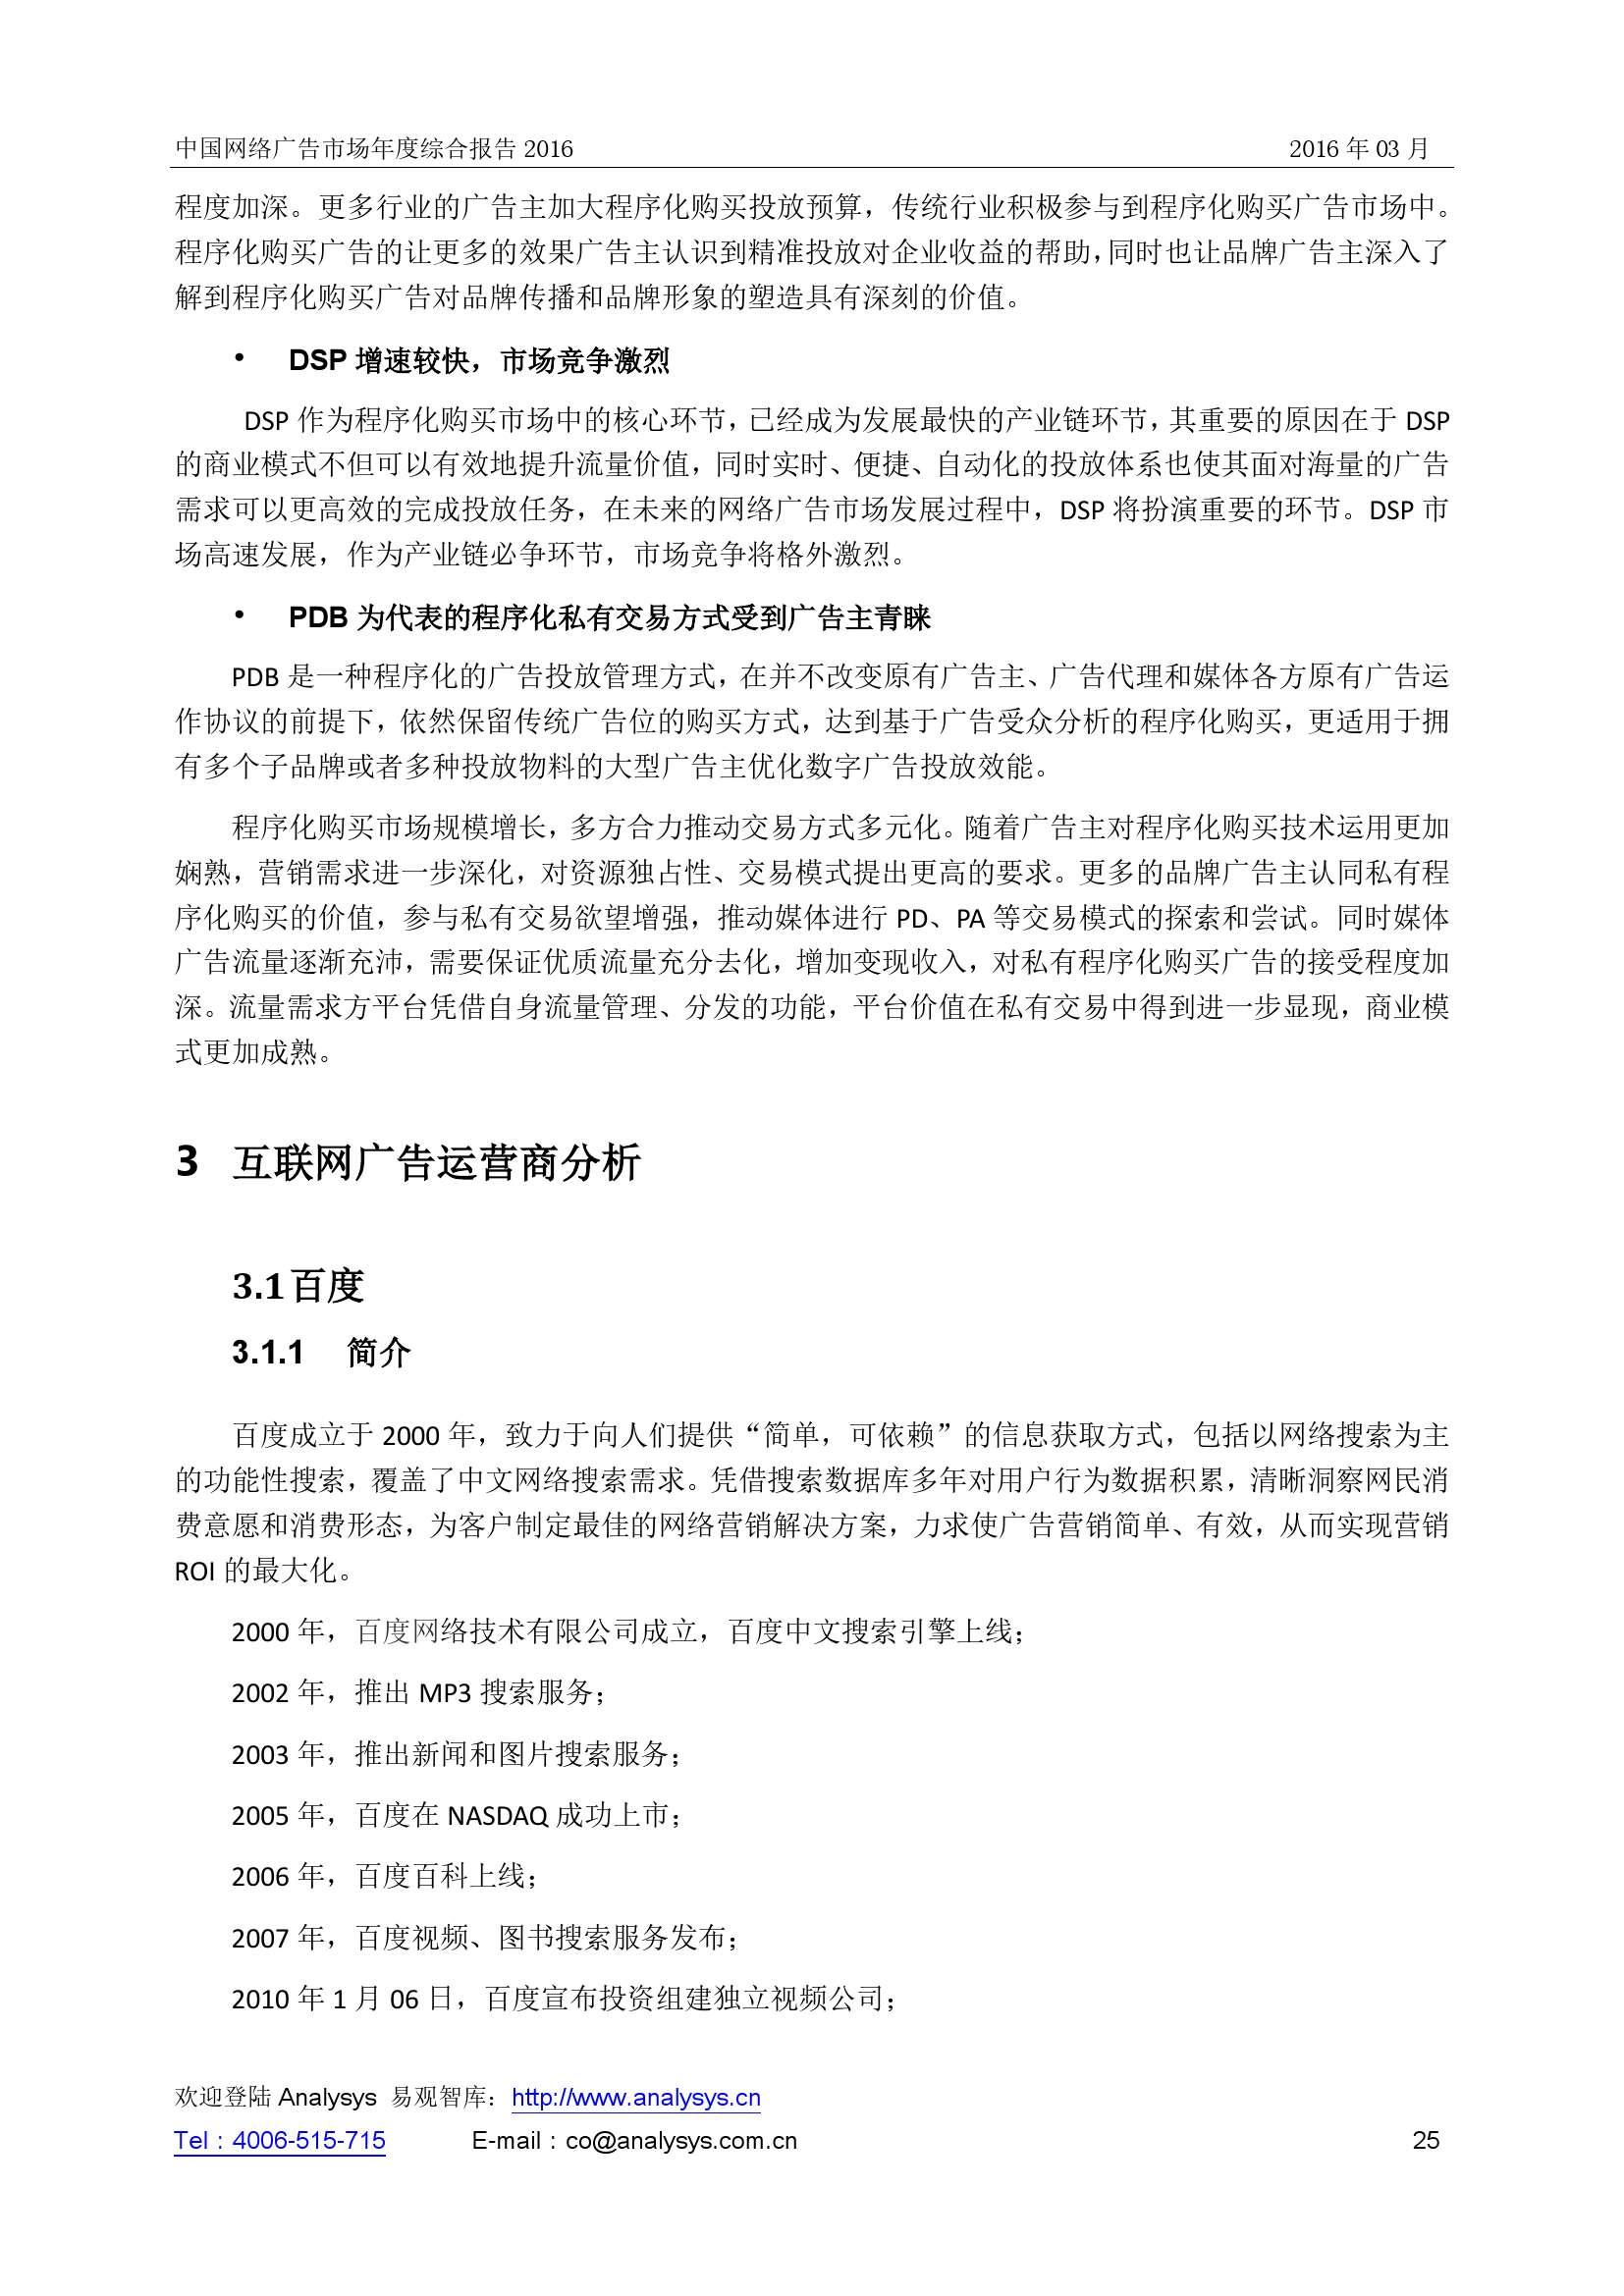 中国网络广告市场年度综合报告2016_000025